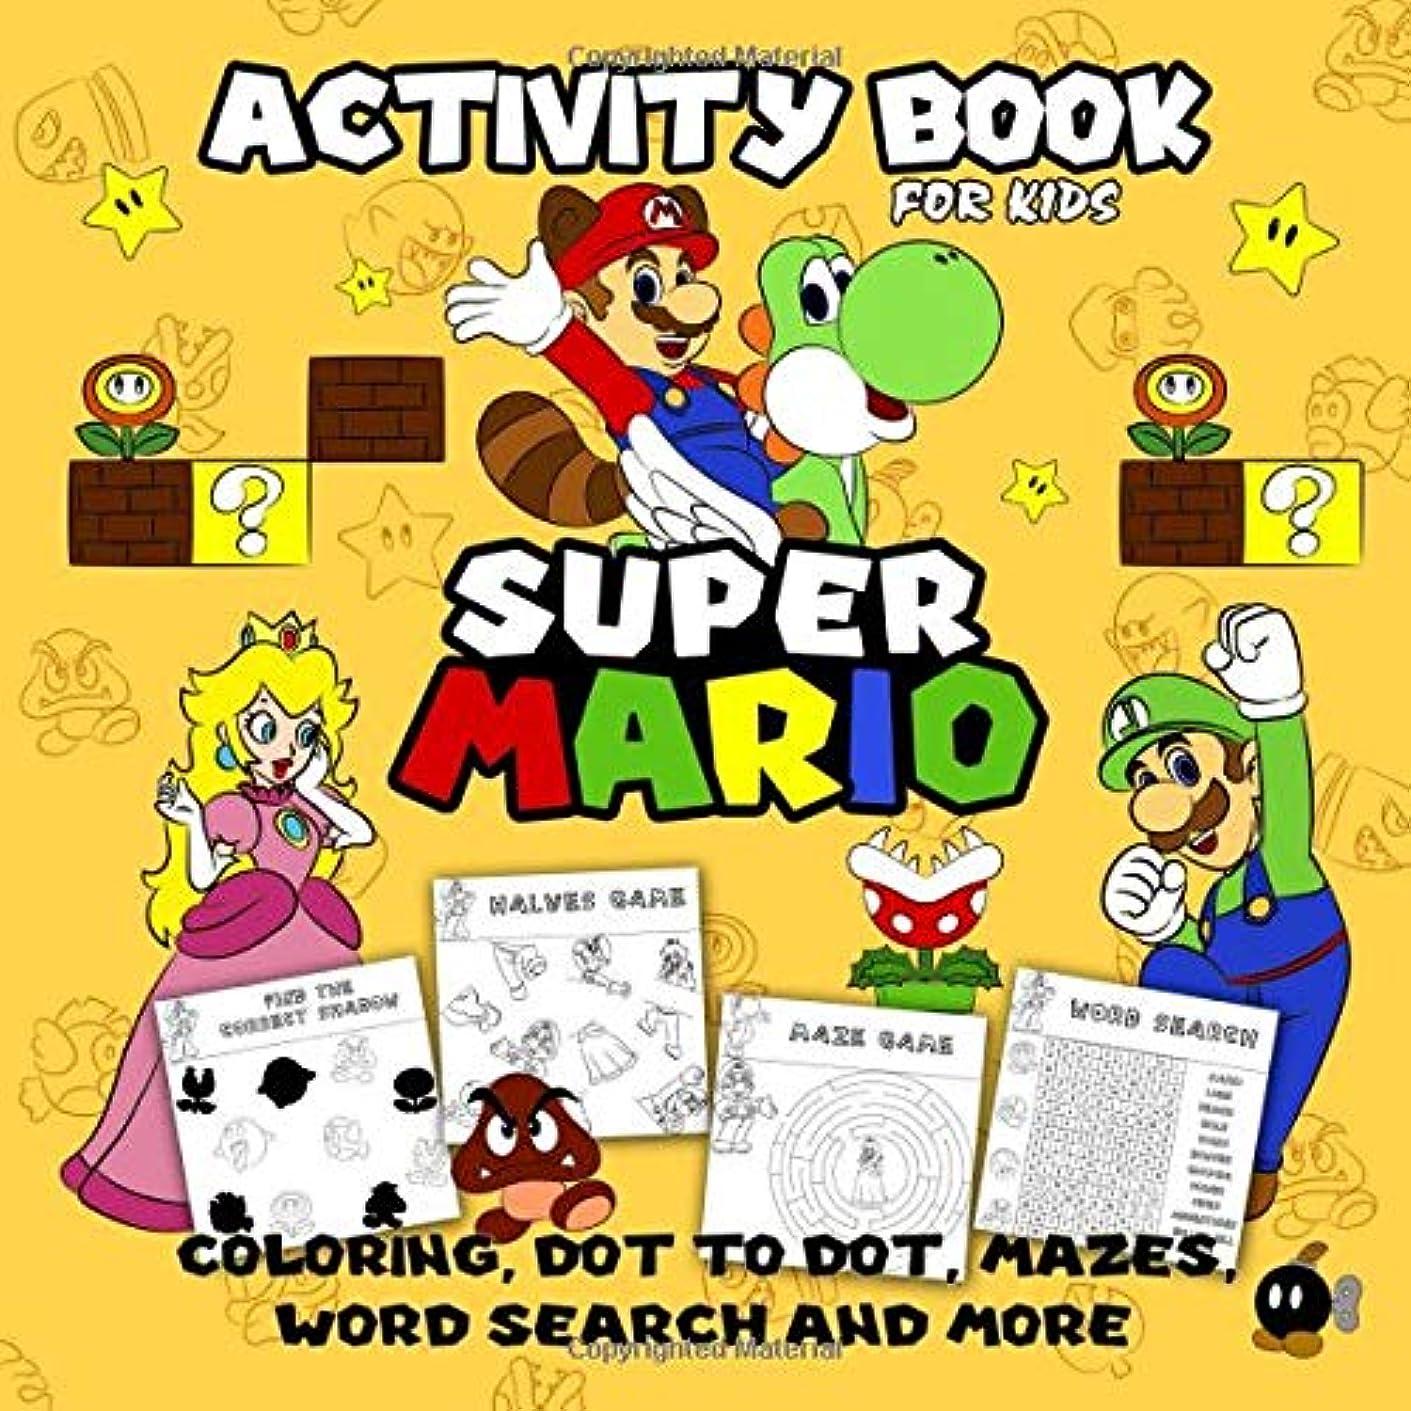 その間破壊する極めてSuper Mario Activity Book for Kids: Coloring, Dot To Dot, Mazes, Word Search and More! This Activity Book Will Be Interesting For Boys, Girls, Toddlers, Preschoolers, Kids 5-6, 7-8, 9-12 ages